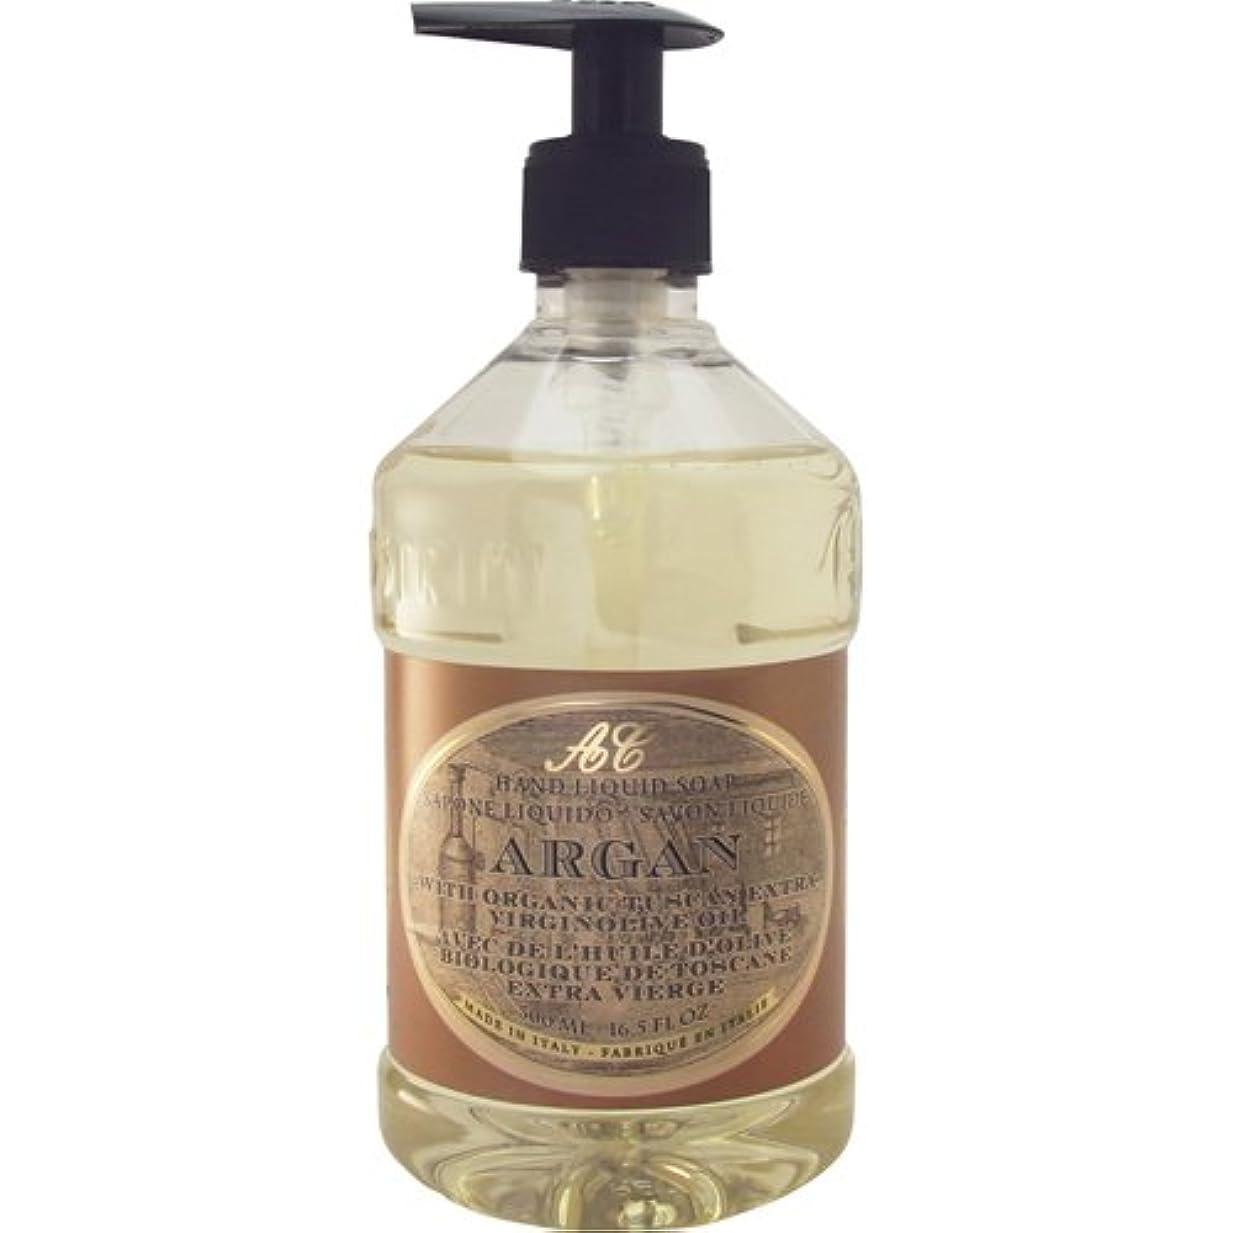 狂乱眉に話すSaponerire Fissi レトロシリーズ Liquid Soap リキッドソープ 500ml Argan アルガンオイル